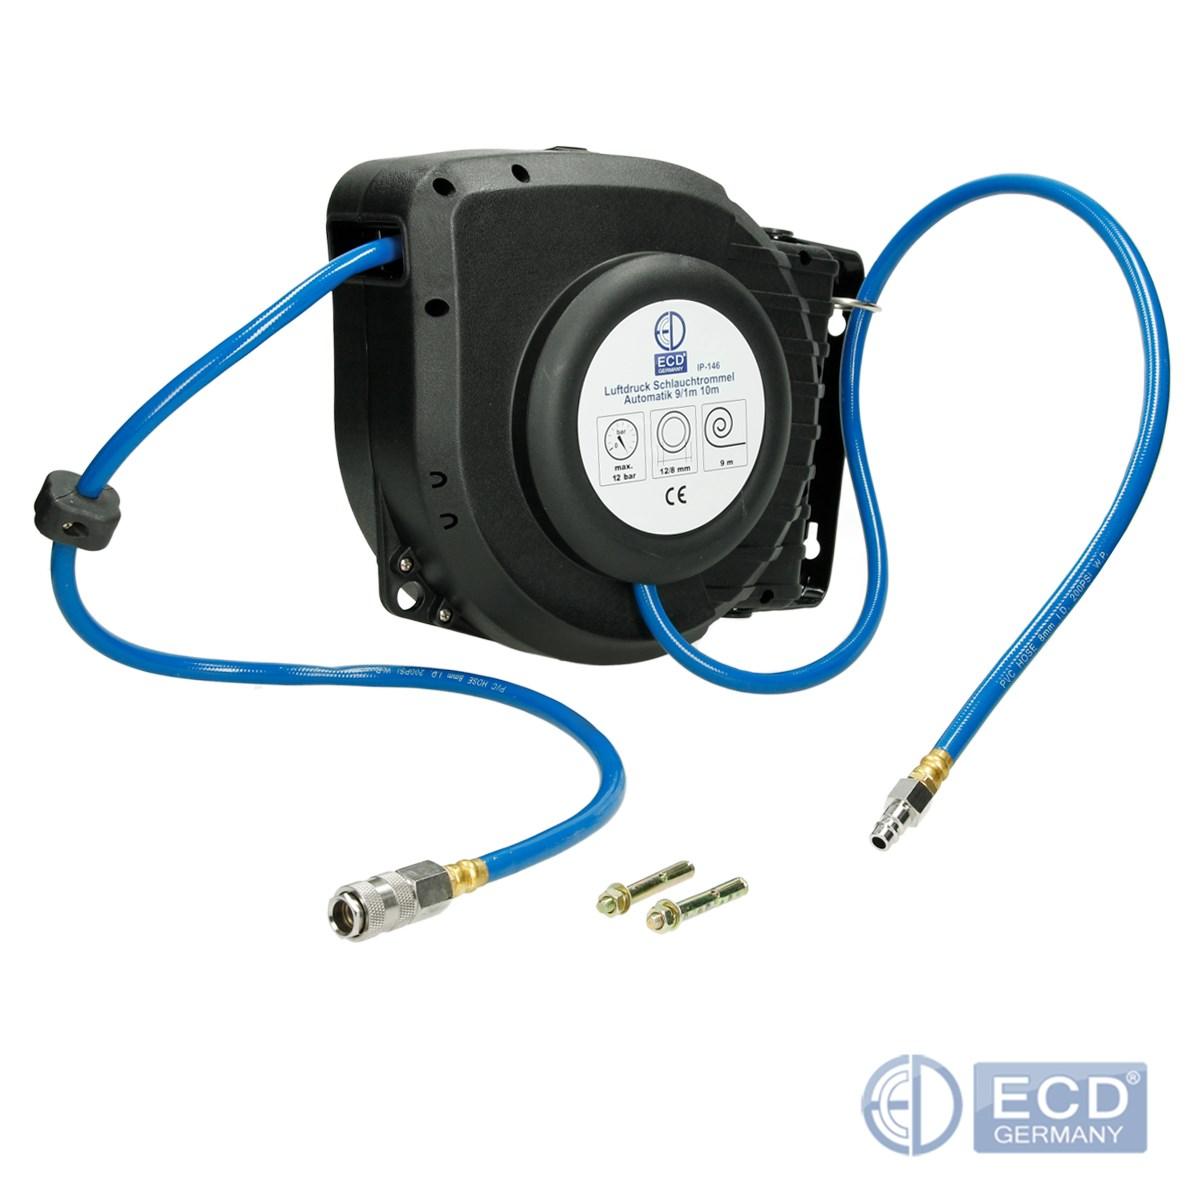 Kompressorzubehoer-Ausblaspistole-Druckluftschlauch-Reifenfueller-Schlagschrauber